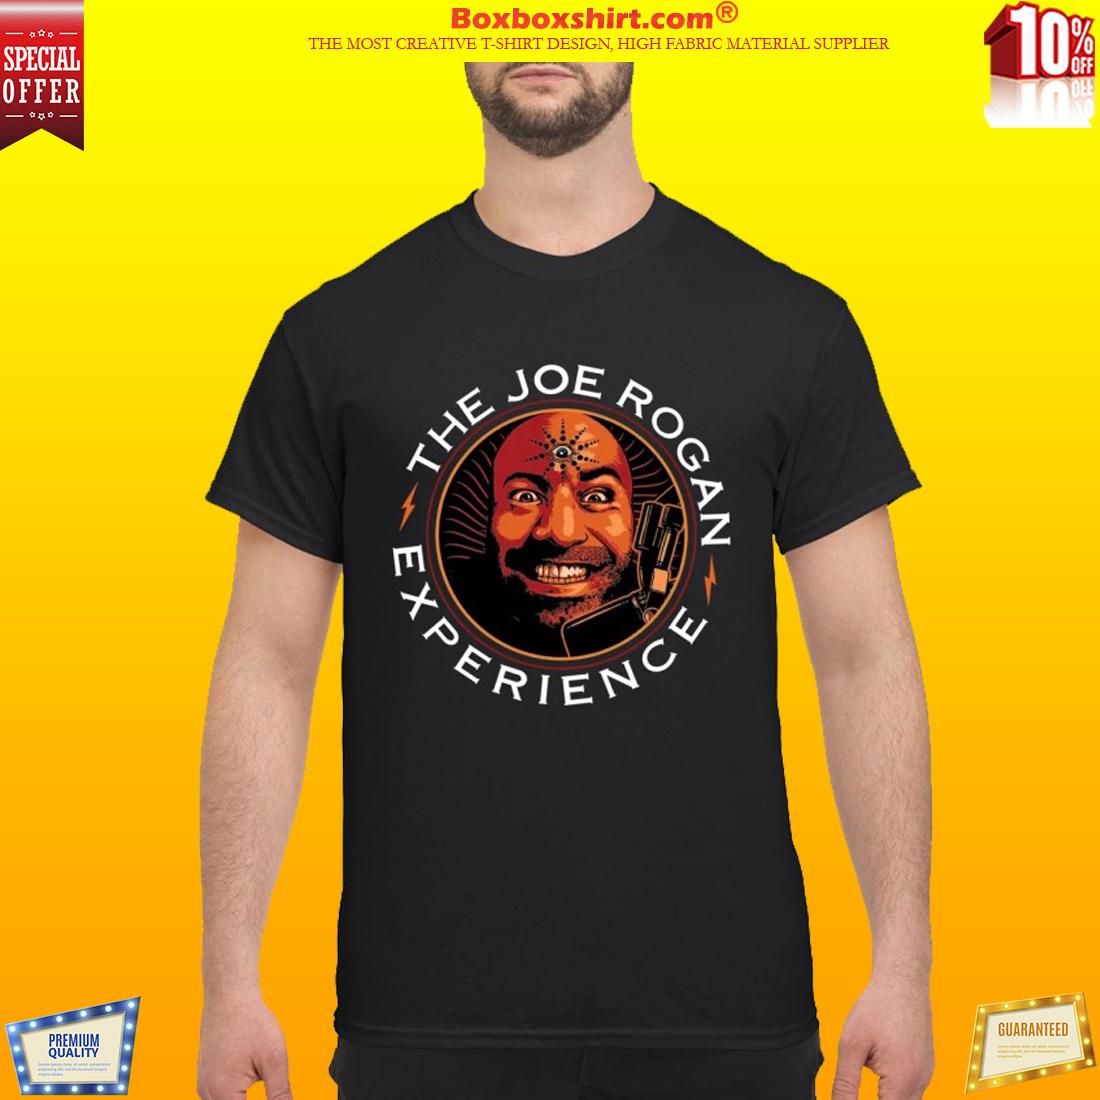 The Joe Rogan face experience shirt